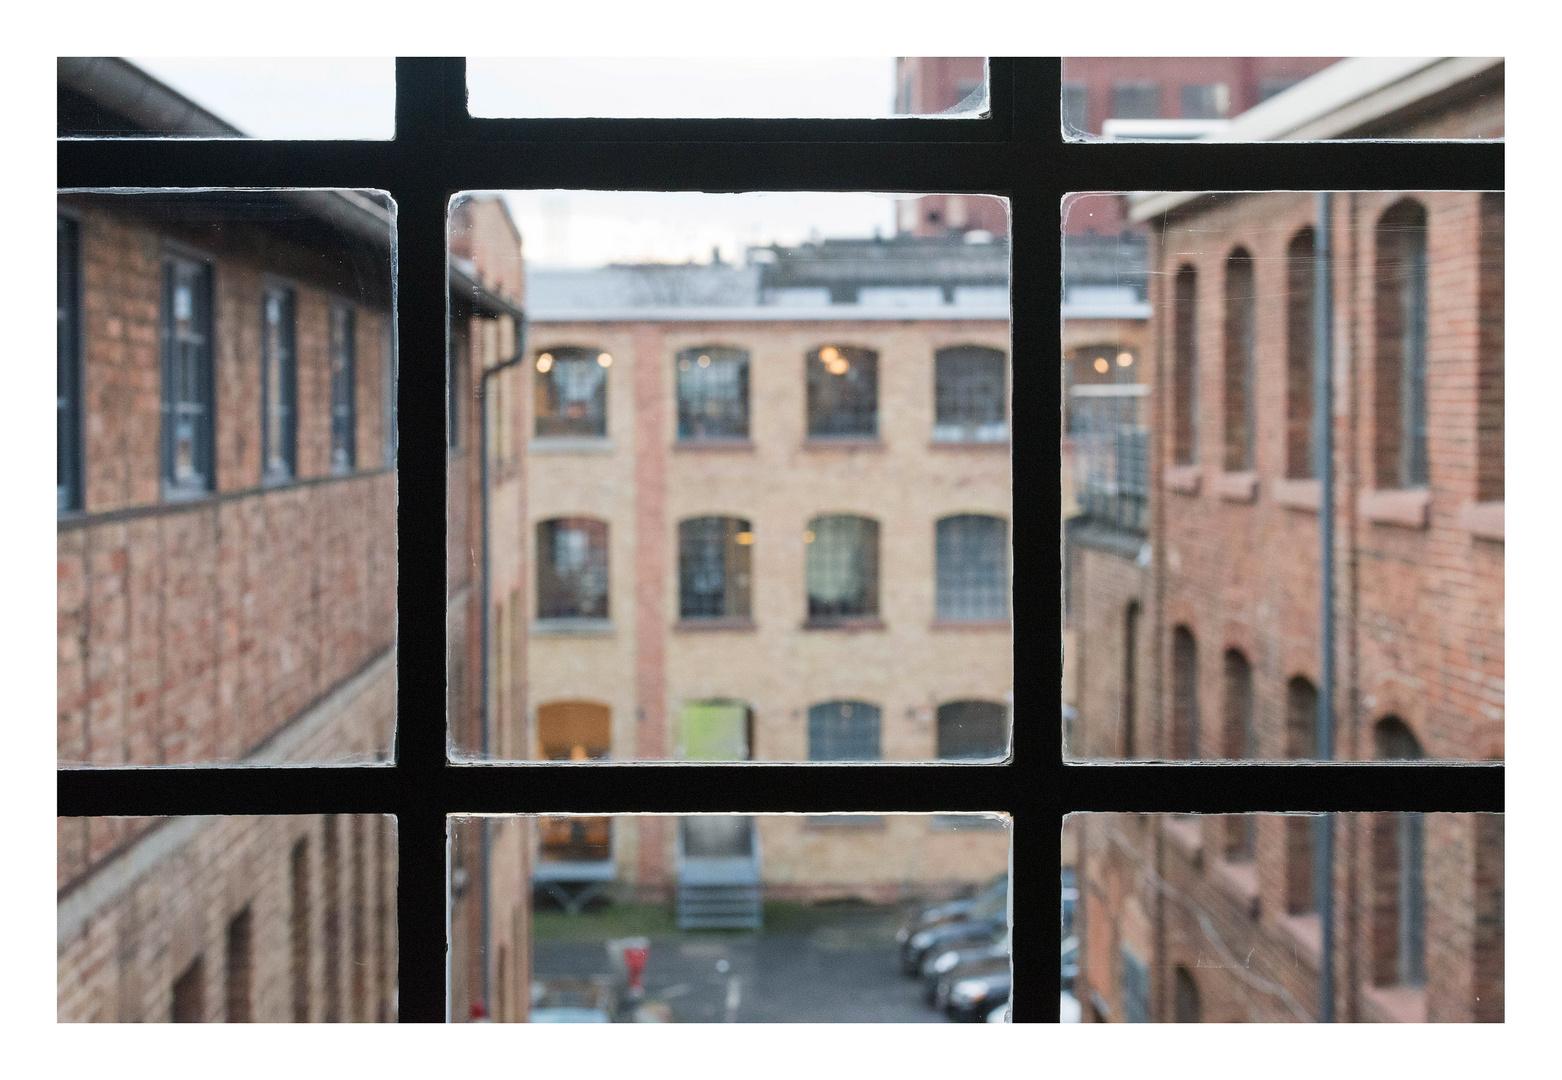 Heyne Fabrik Offenbach Foto & Bild | architektur, industrie und ...